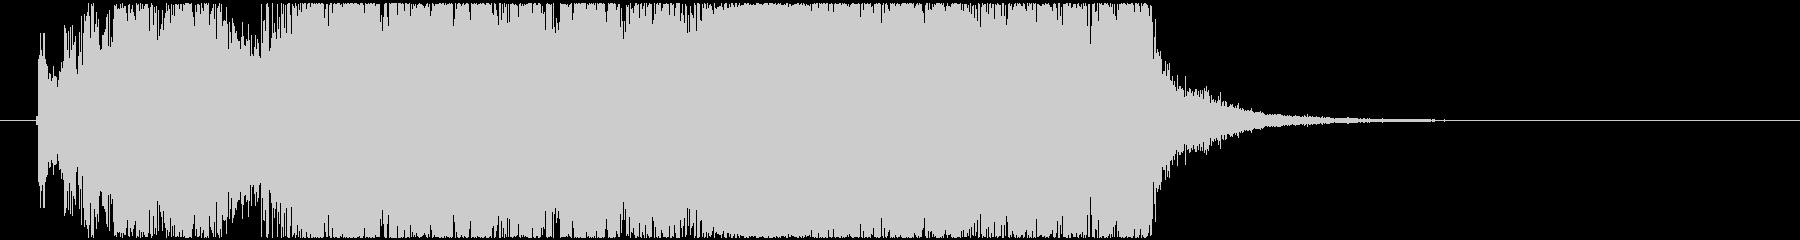 11 木管と金管のファンファーレですの未再生の波形